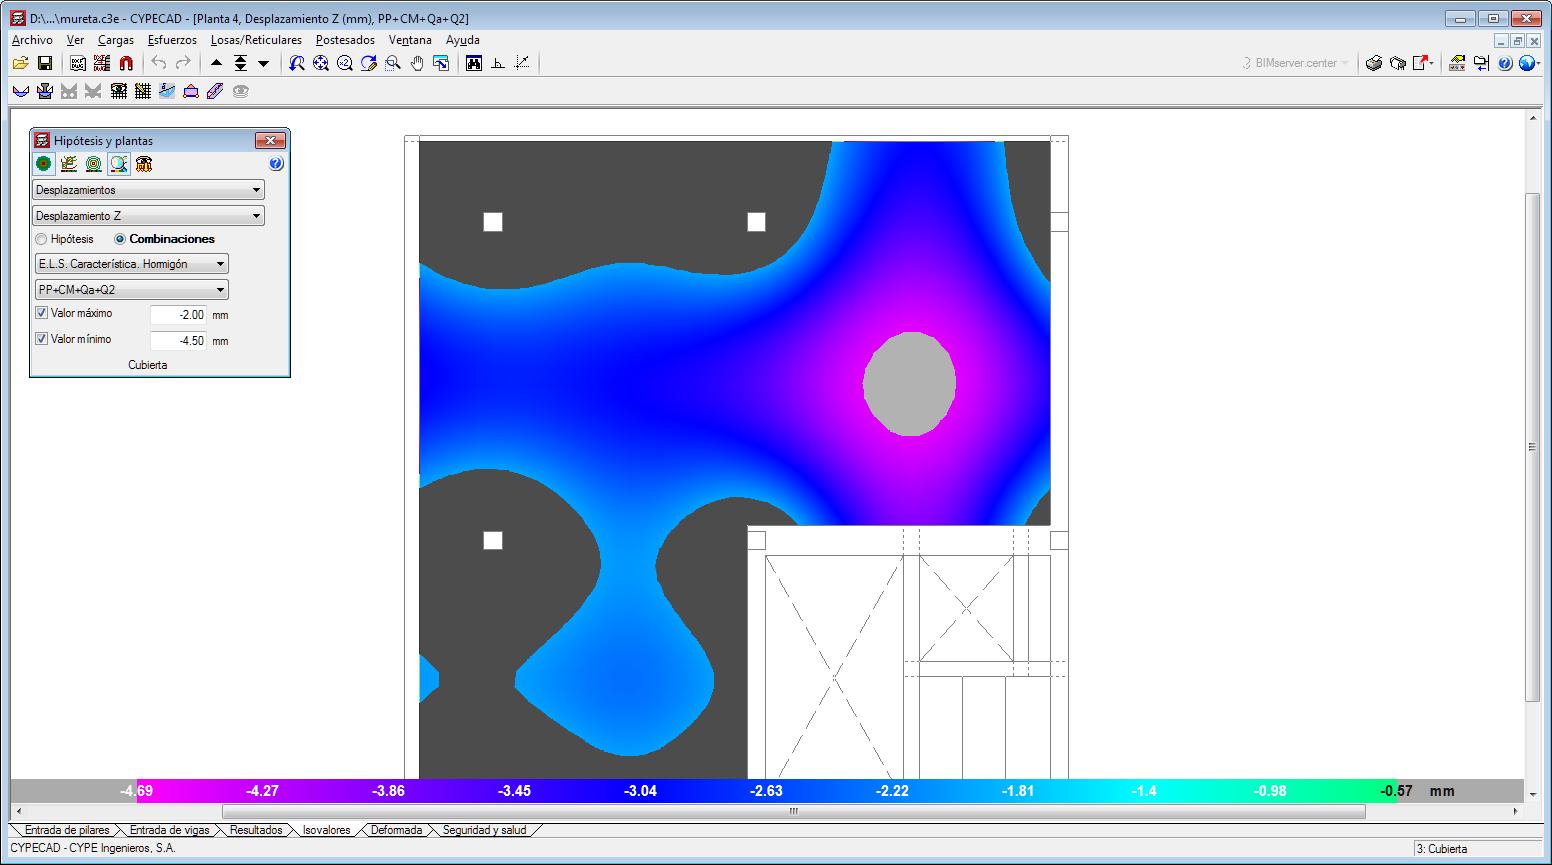 CYPECAD. Rangos máximos y mínimos para visualizar esfuerzos y desplazamientos en la Solapa Isovalores